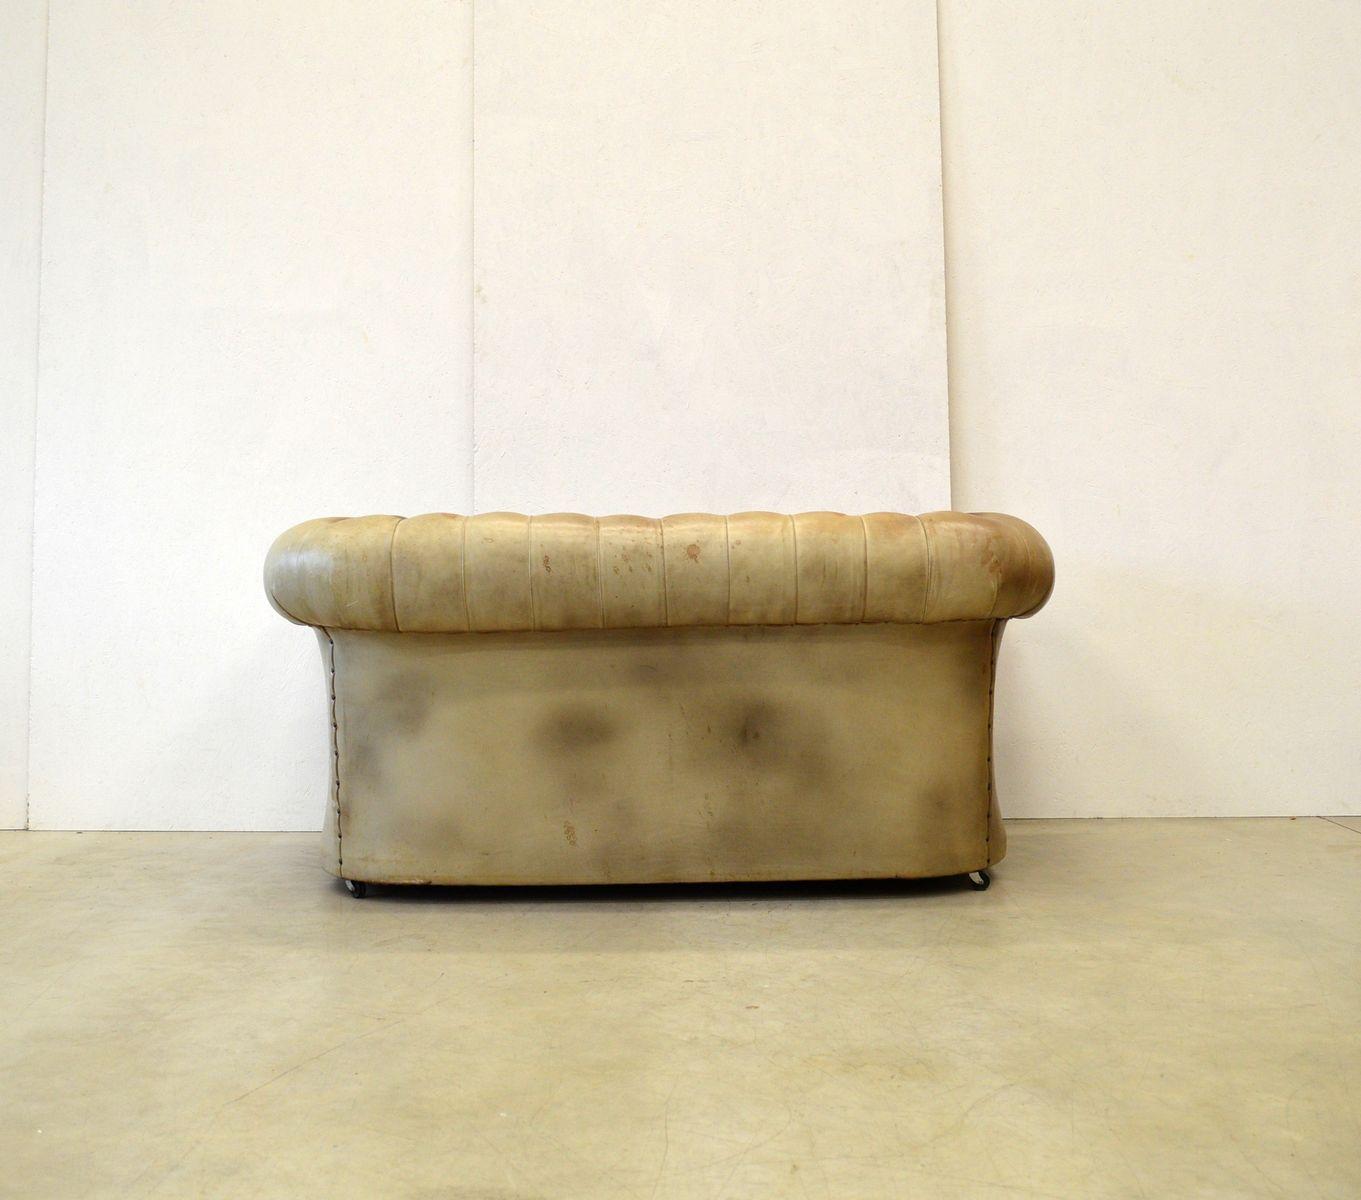 Englisches Vintage Chesterfield Zwei-Sitzer Sofa aus ...